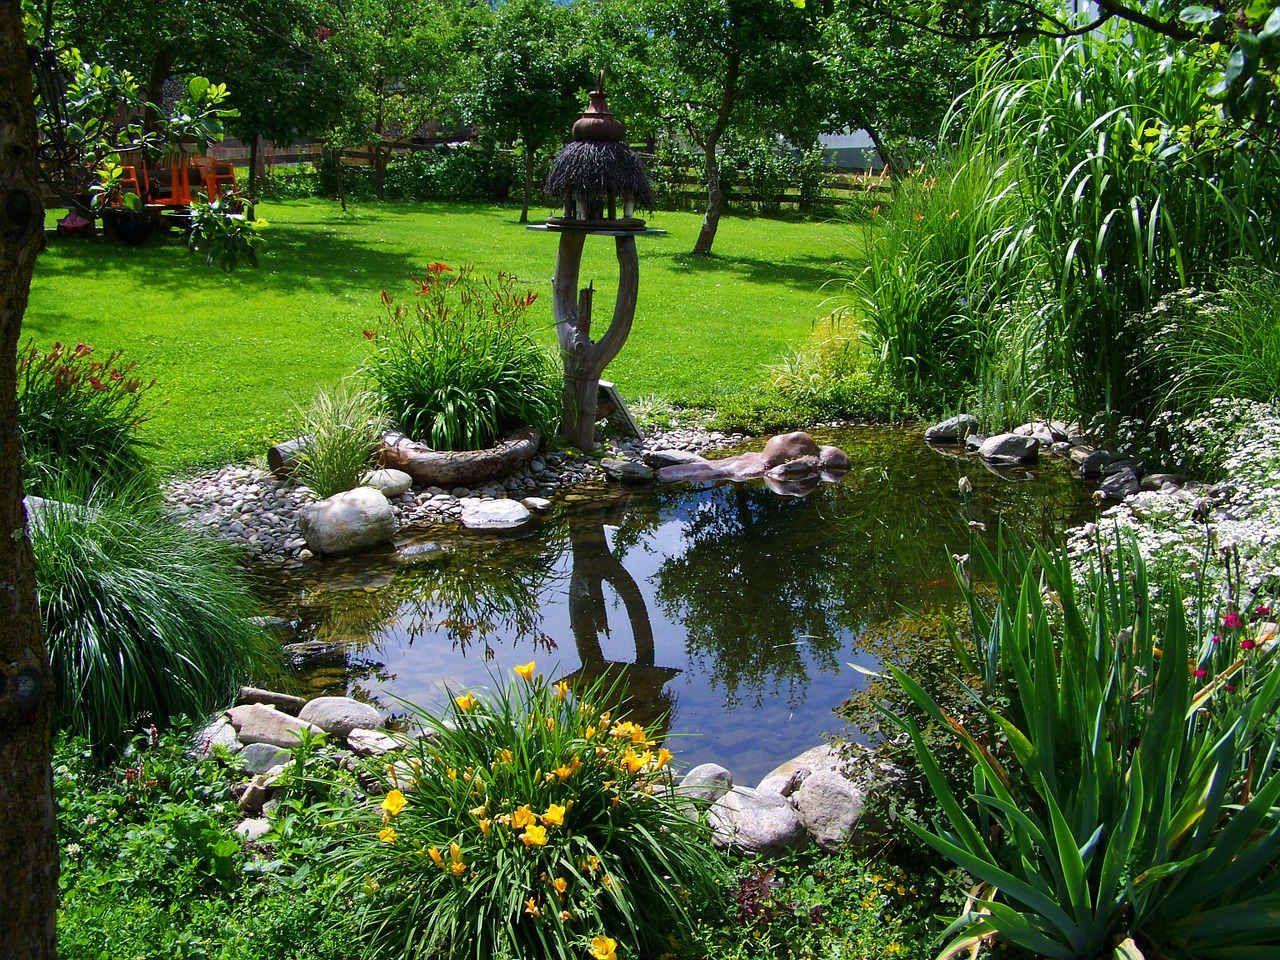 Gartenteich | DIY Gartenteich - Teich schön gestalten | Kalaydoskop #fountaindiy